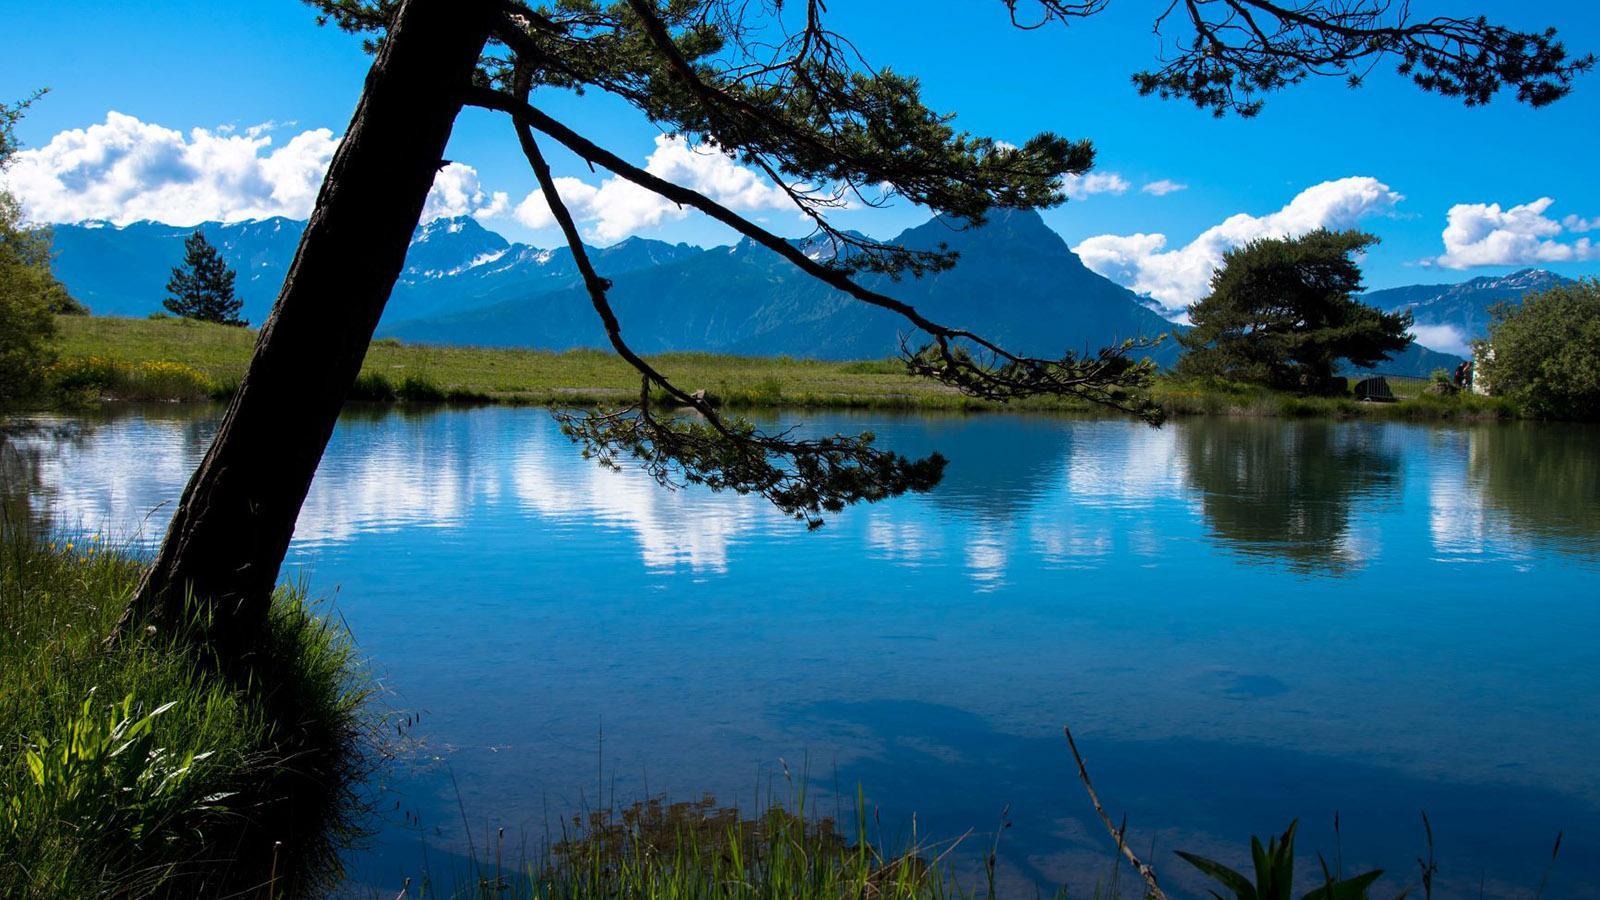 Lac de Saint-Appolinaire. Foto: Tanja Midgartson